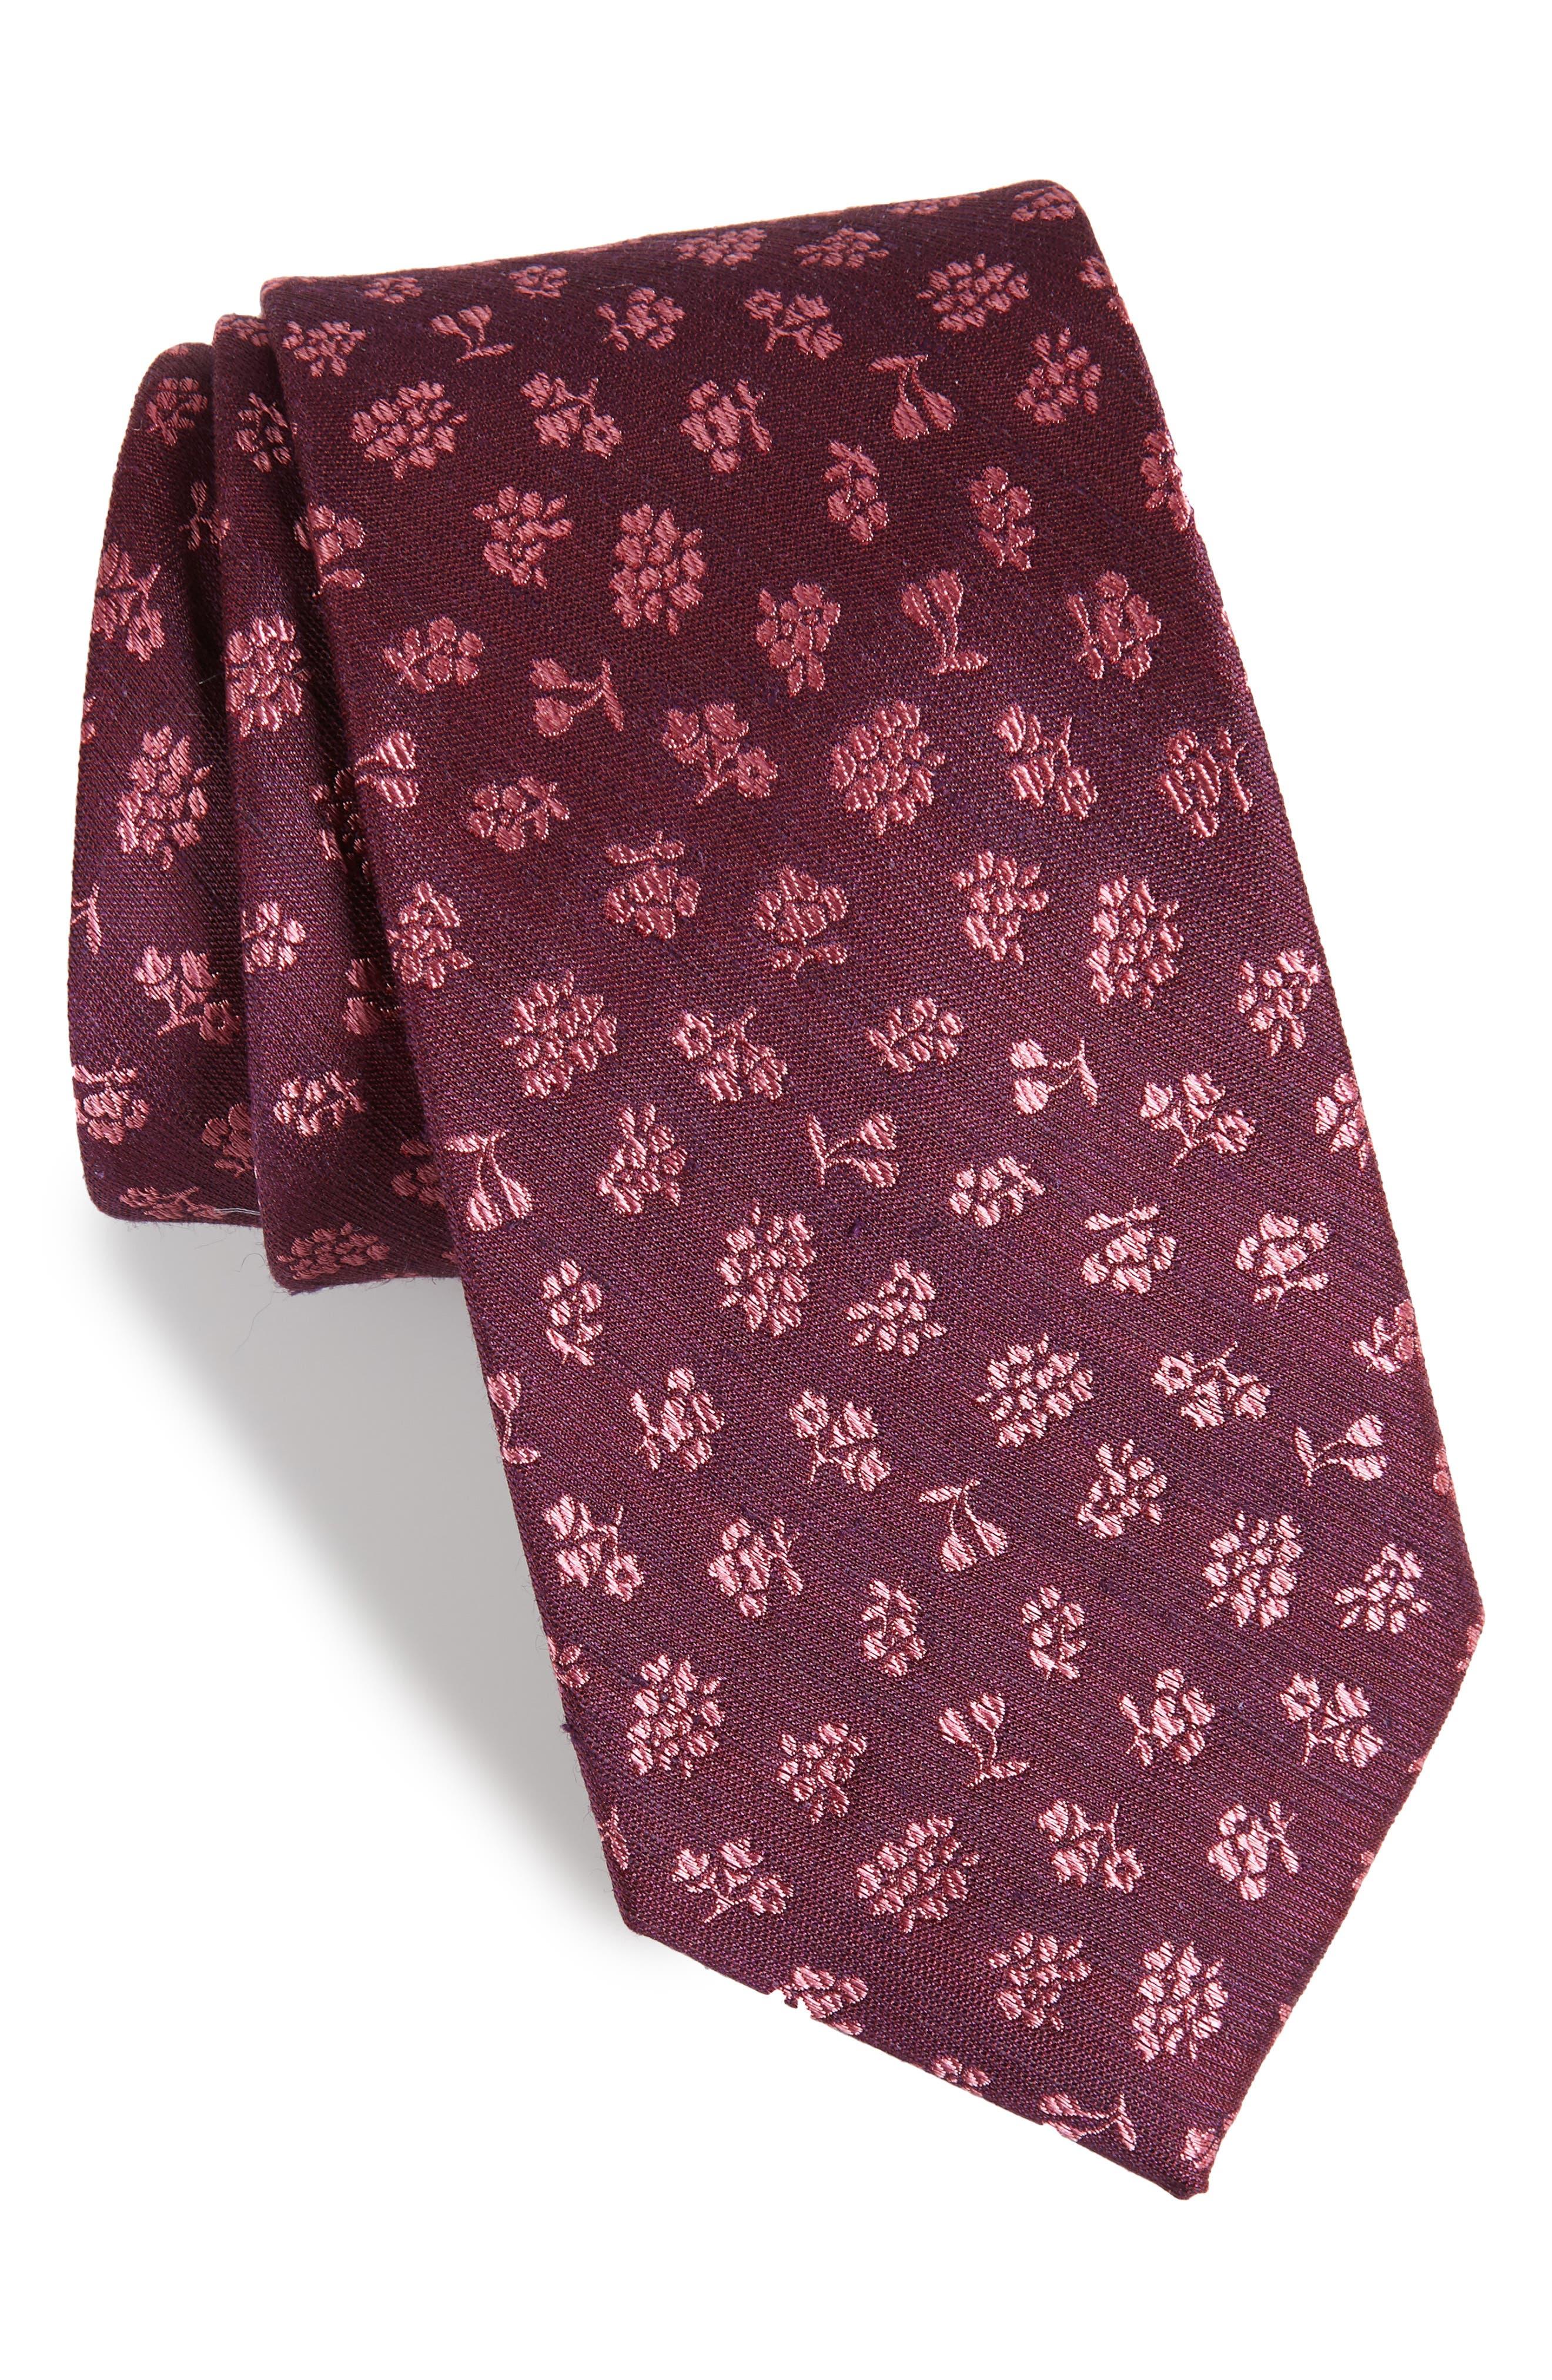 Fruta Floral Silk & Linen Tie,                             Main thumbnail 1, color,                             Wine